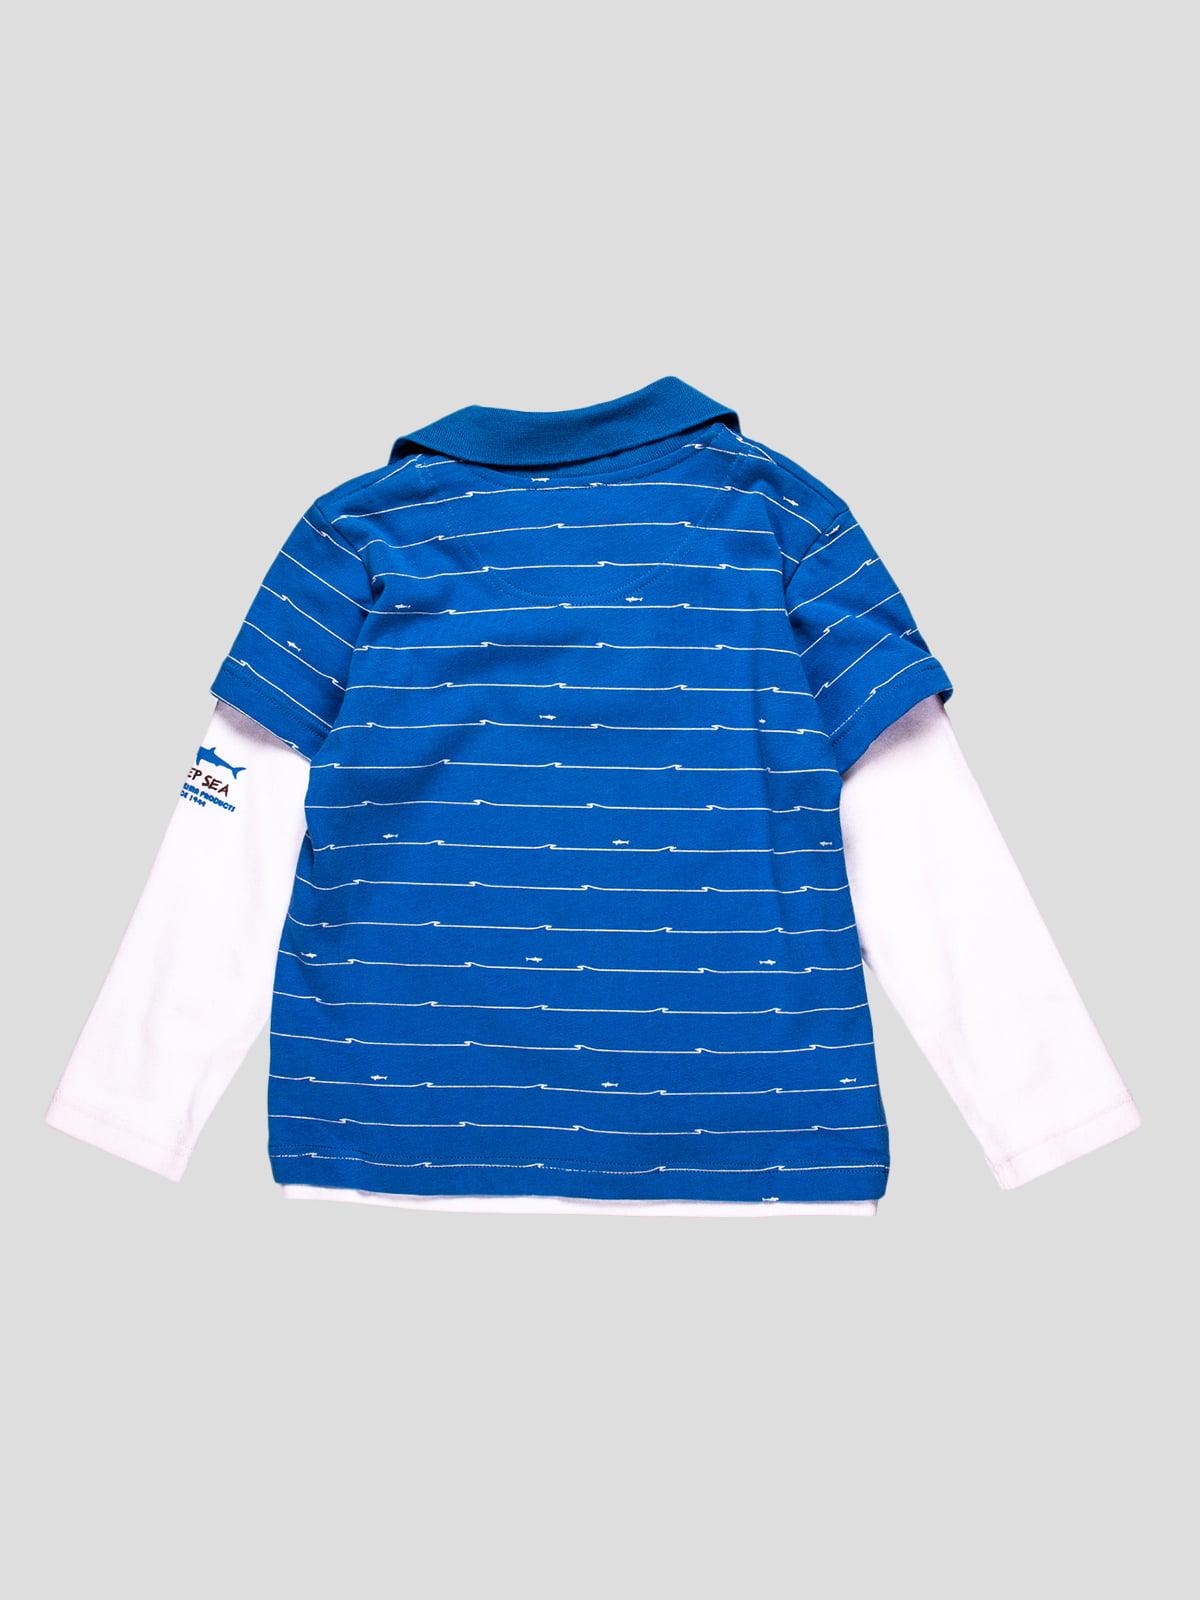 Лонгслів-поло синій | 23564 | фото 2